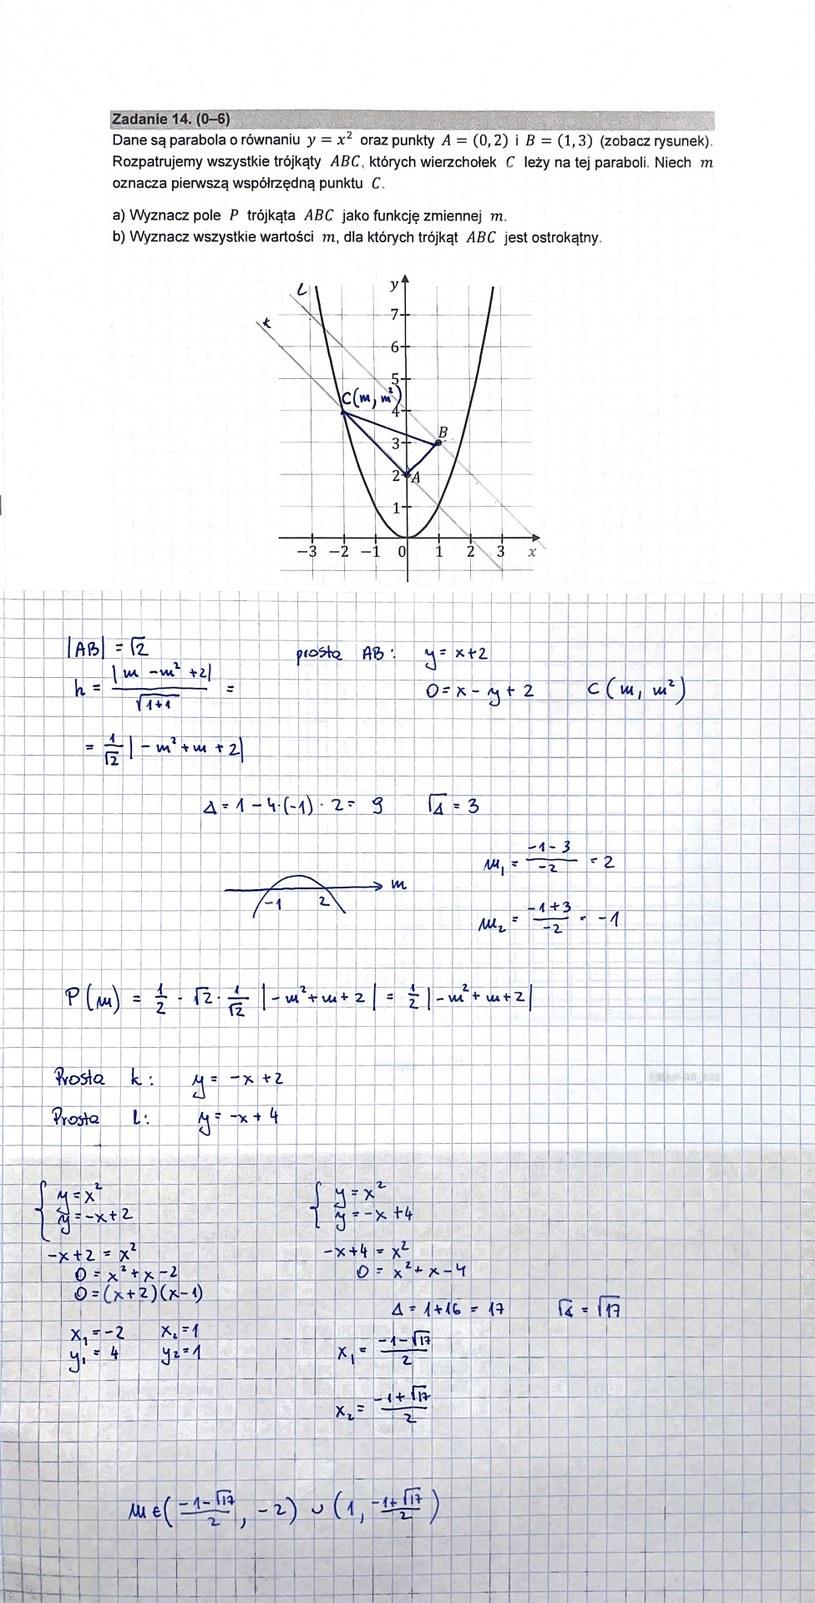 MATURA 2021: Matematyka poziom rozszerzony. Arkusz CKE i rozwiązania /INTERIA.PL